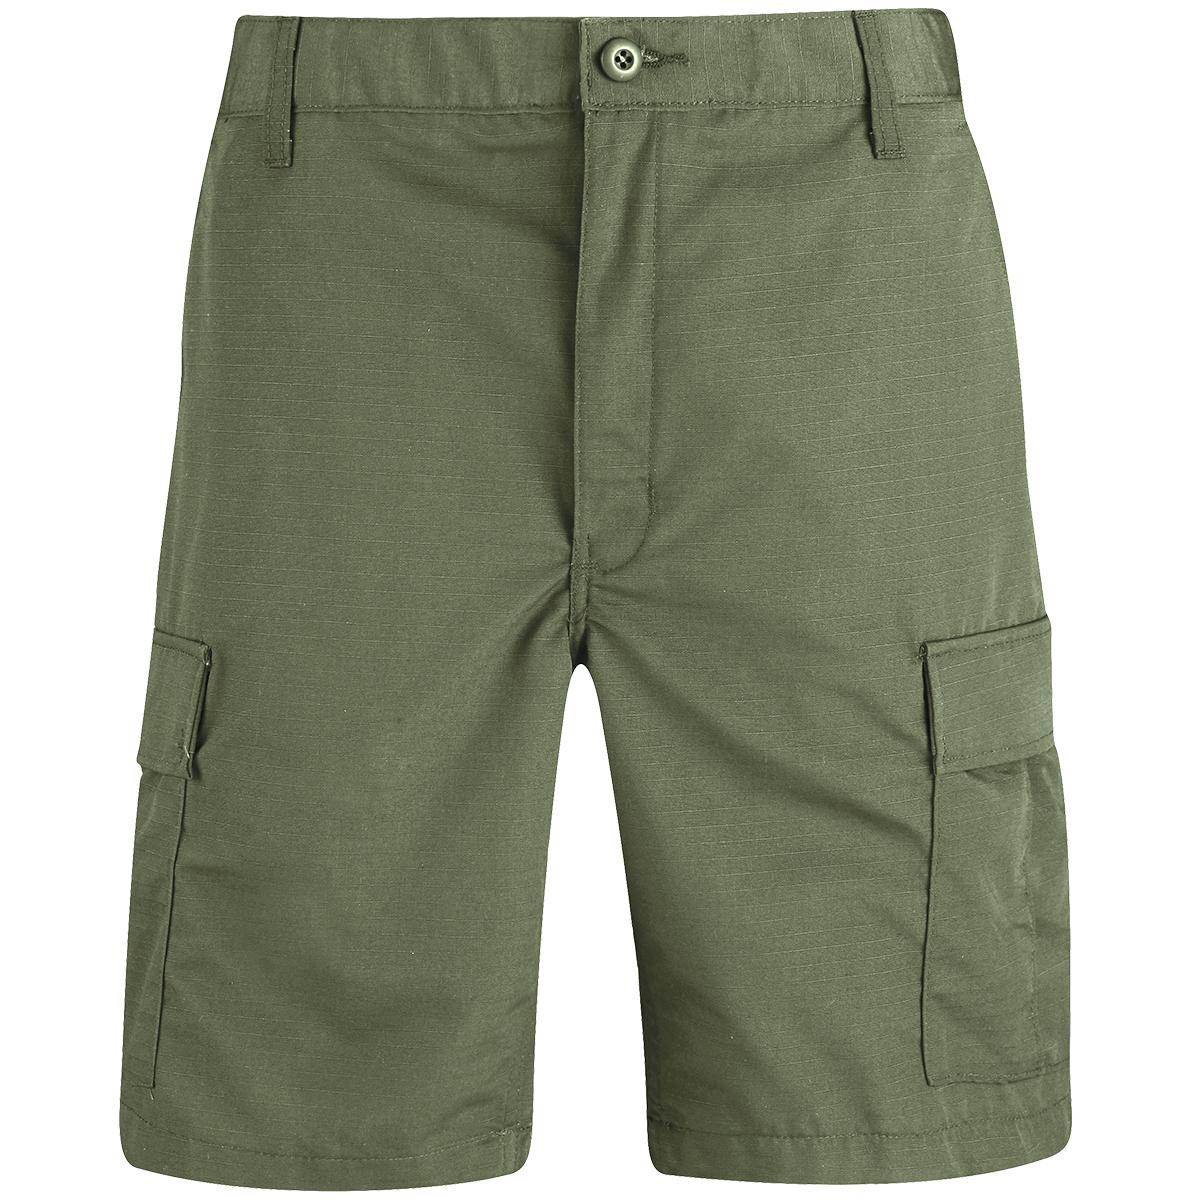 Oliva Bdu Pantalones De Bermudas Pesca Hombre Paintball Caza Detalles Propper Zip Mosca 3L54ARj